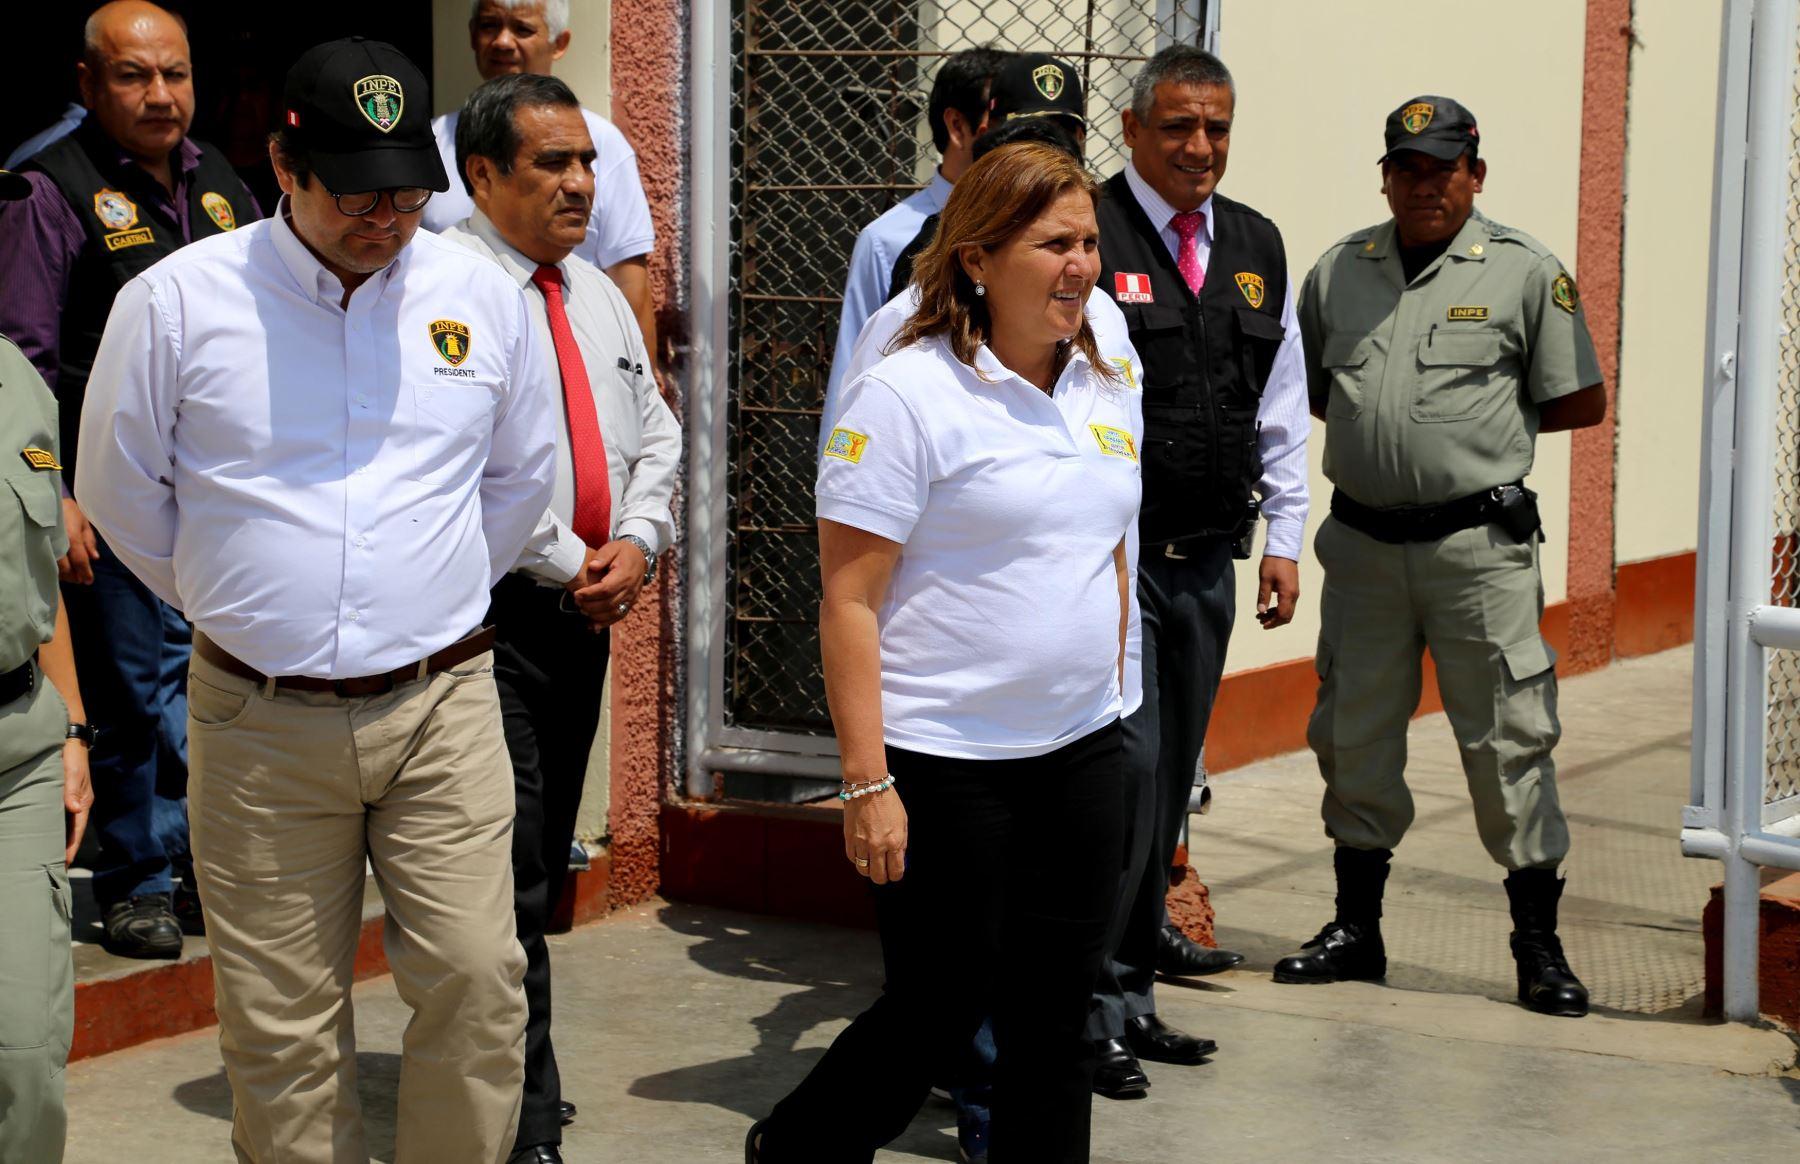 Ministra de Justicia Marisol Pérez Tello visita penal de Trujillo Foto: Minjus